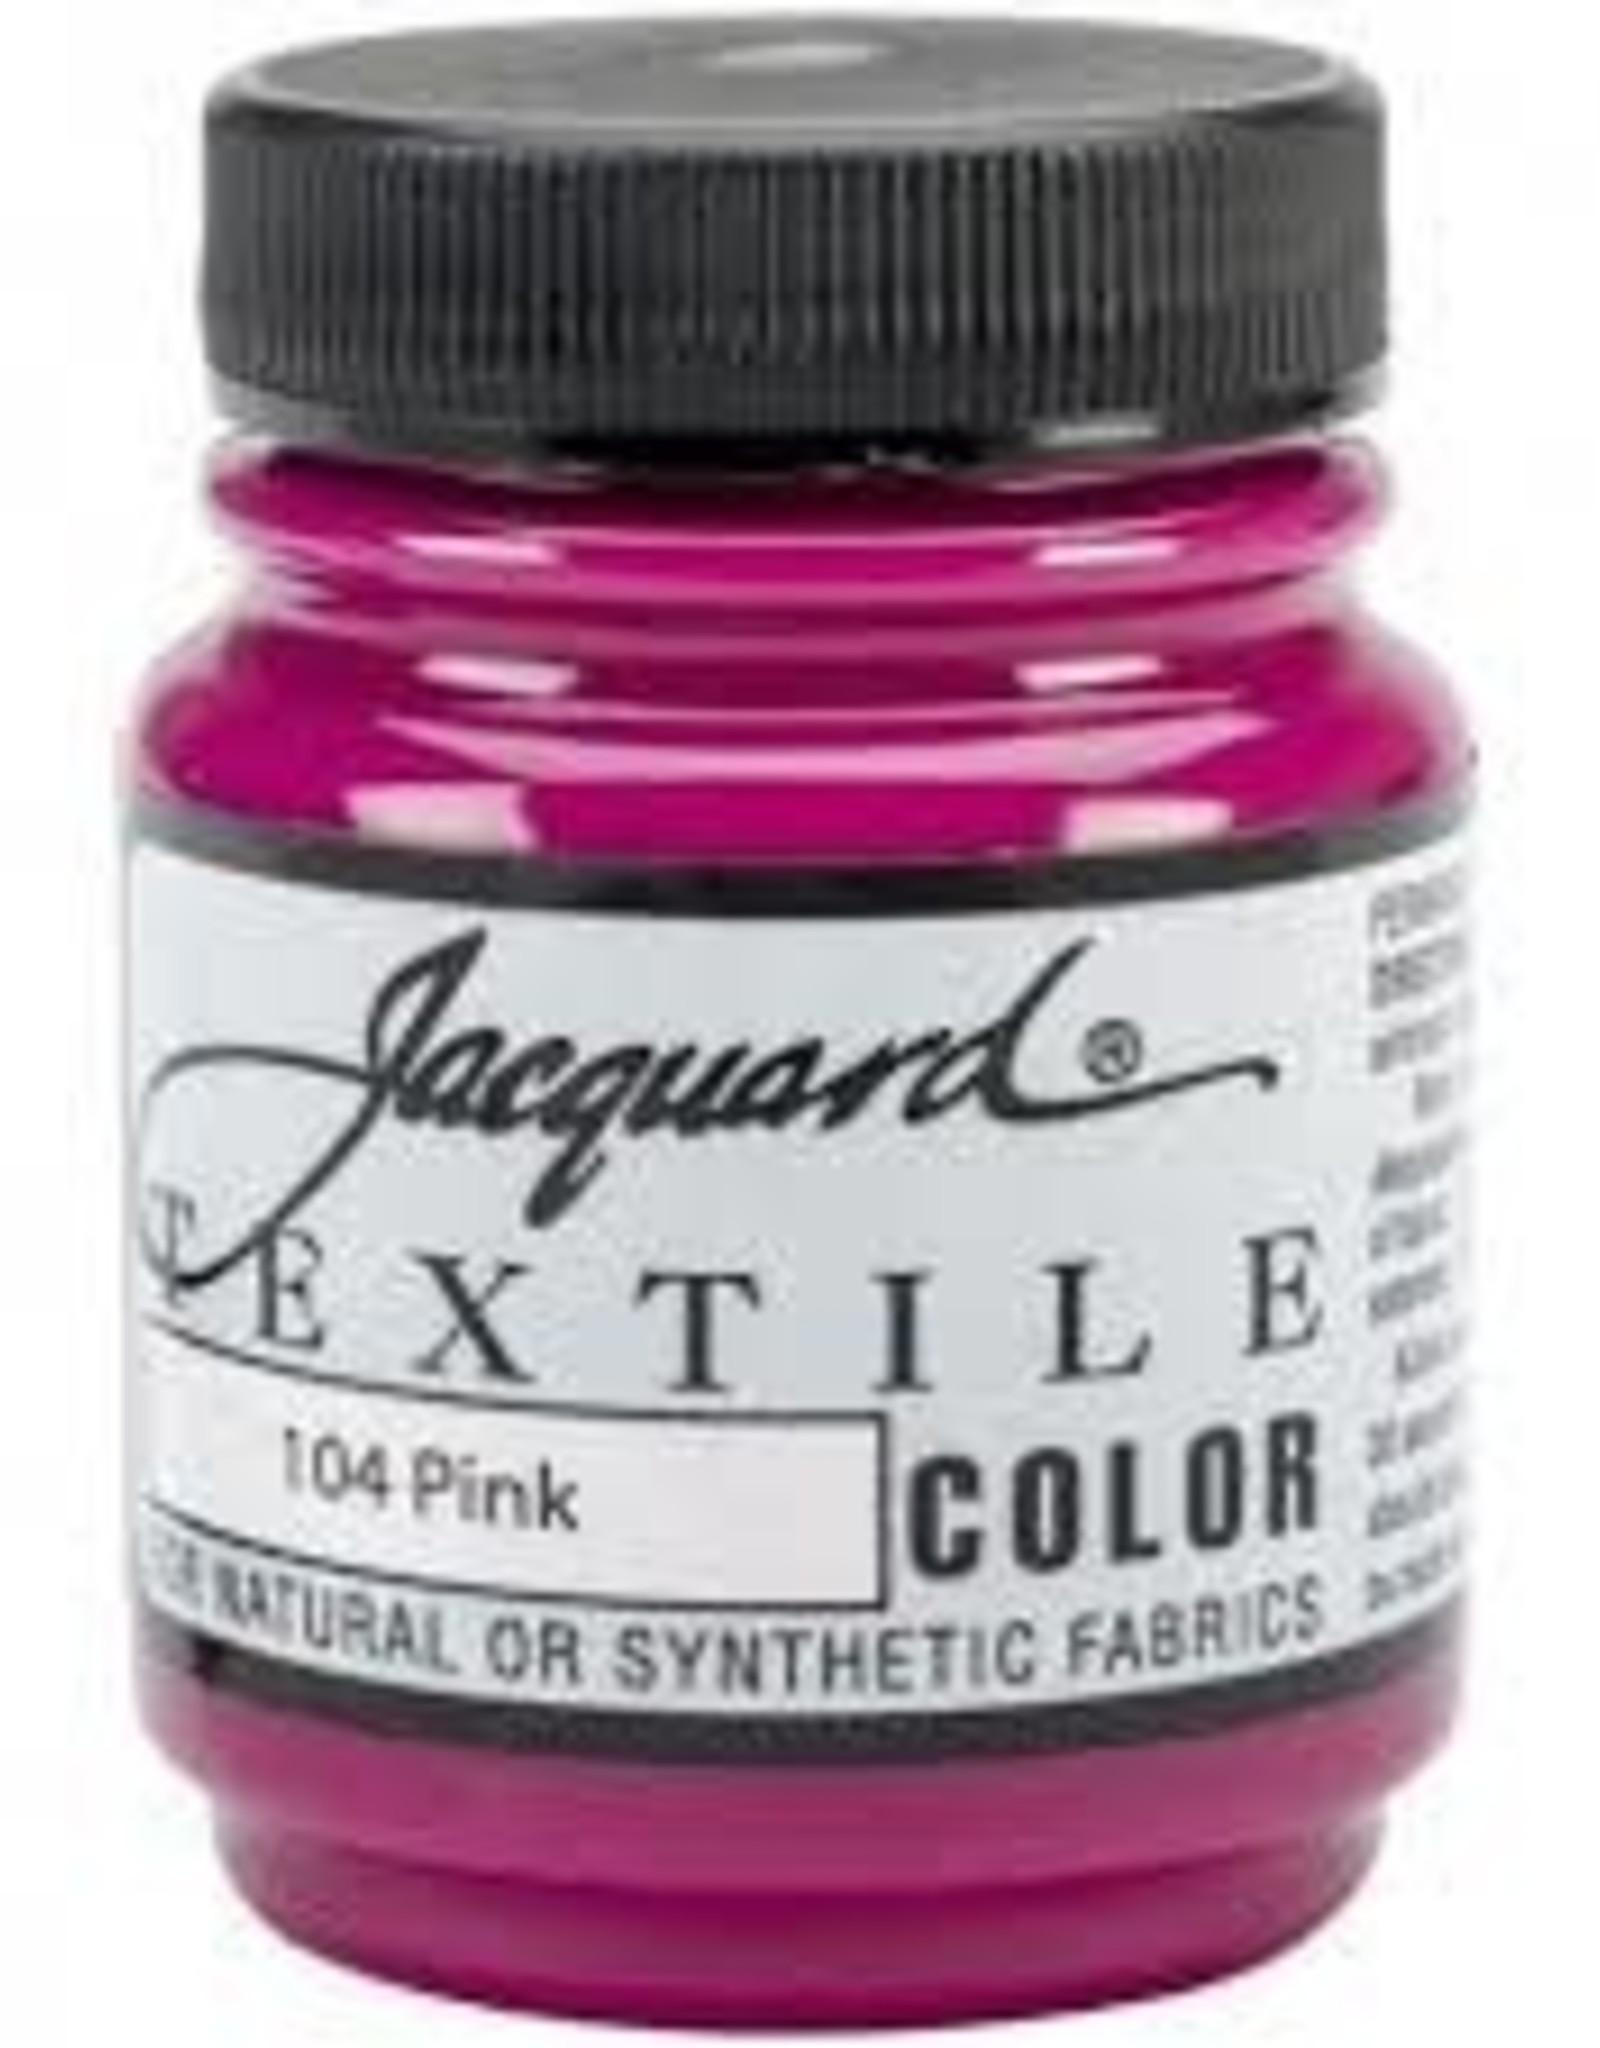 Jacquard Textile Color Pink